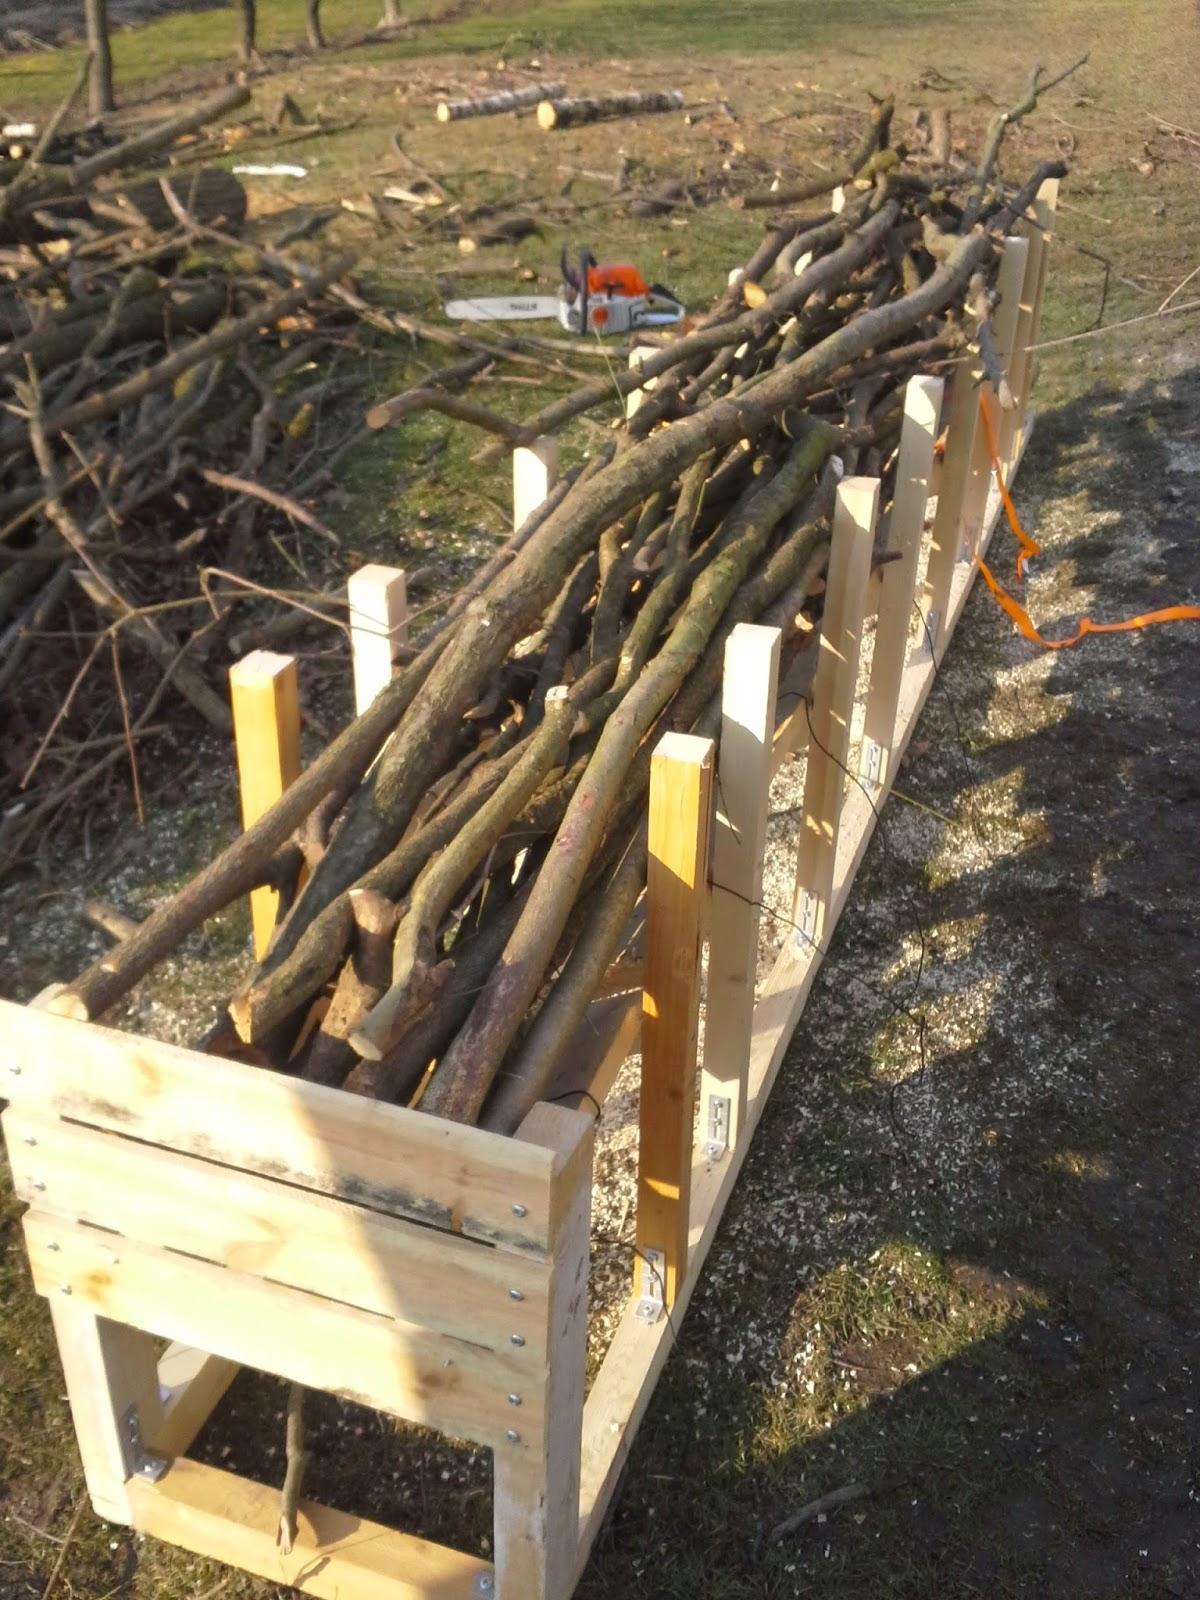 Super Holz, Metall und Smart Home: Kleinholz/Brennholz schneiden #AE_58